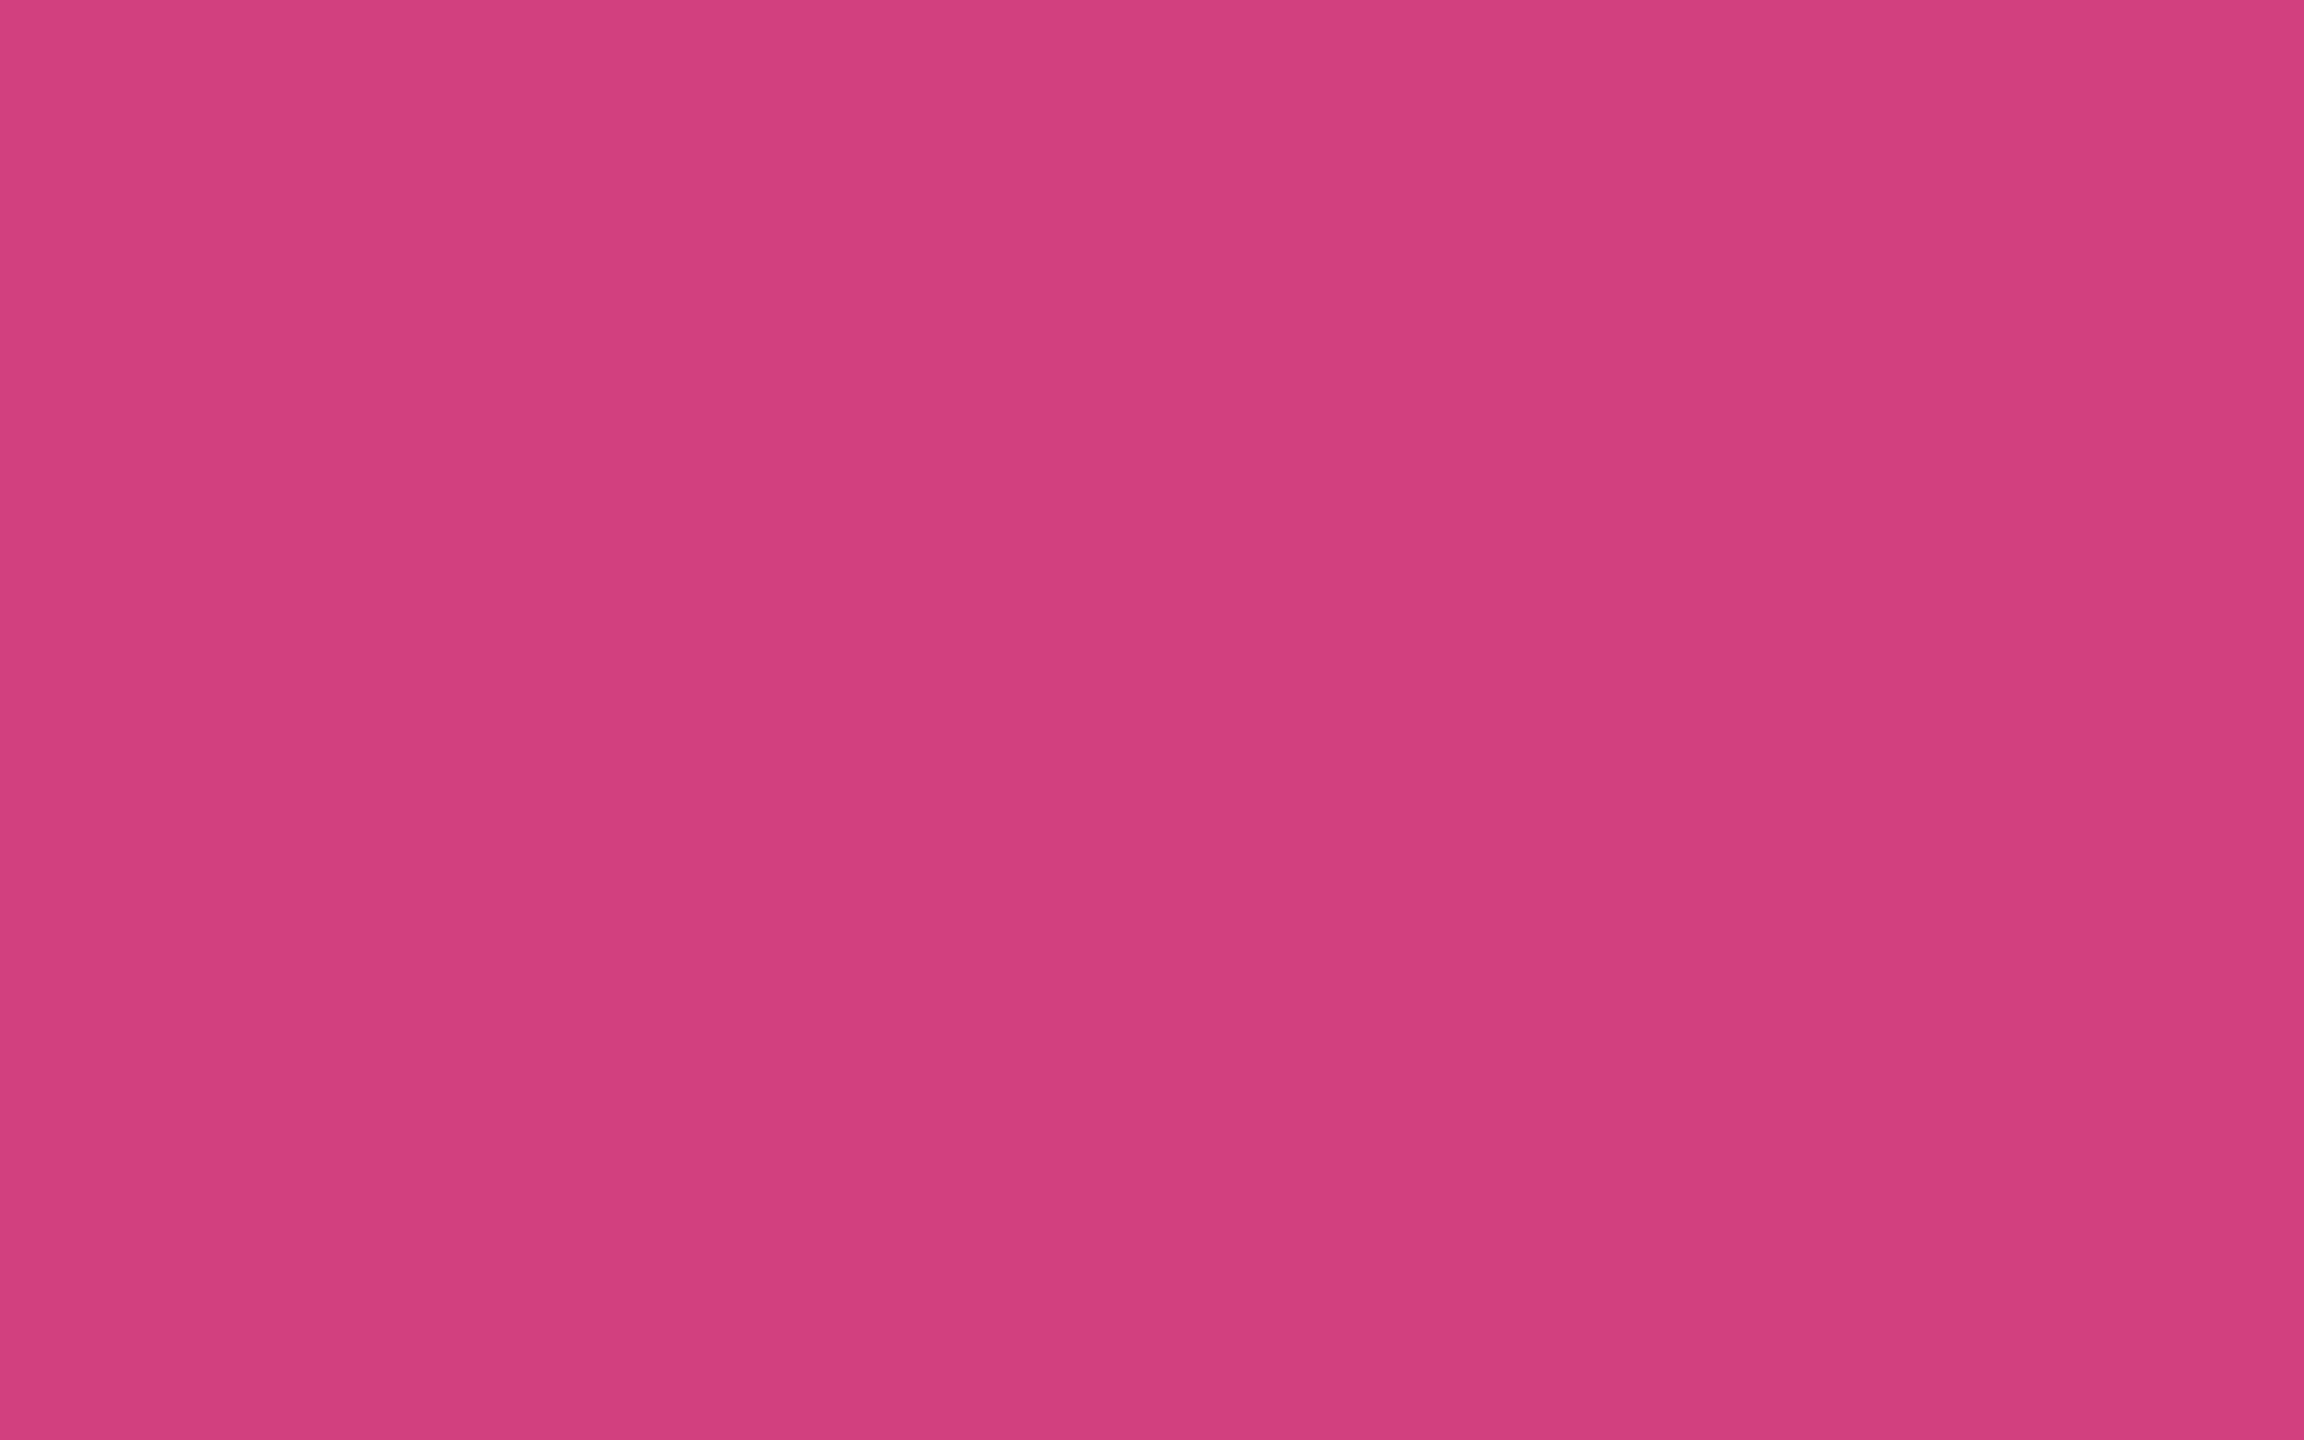 2304x1440 Magenta Pantone Solid Color Background